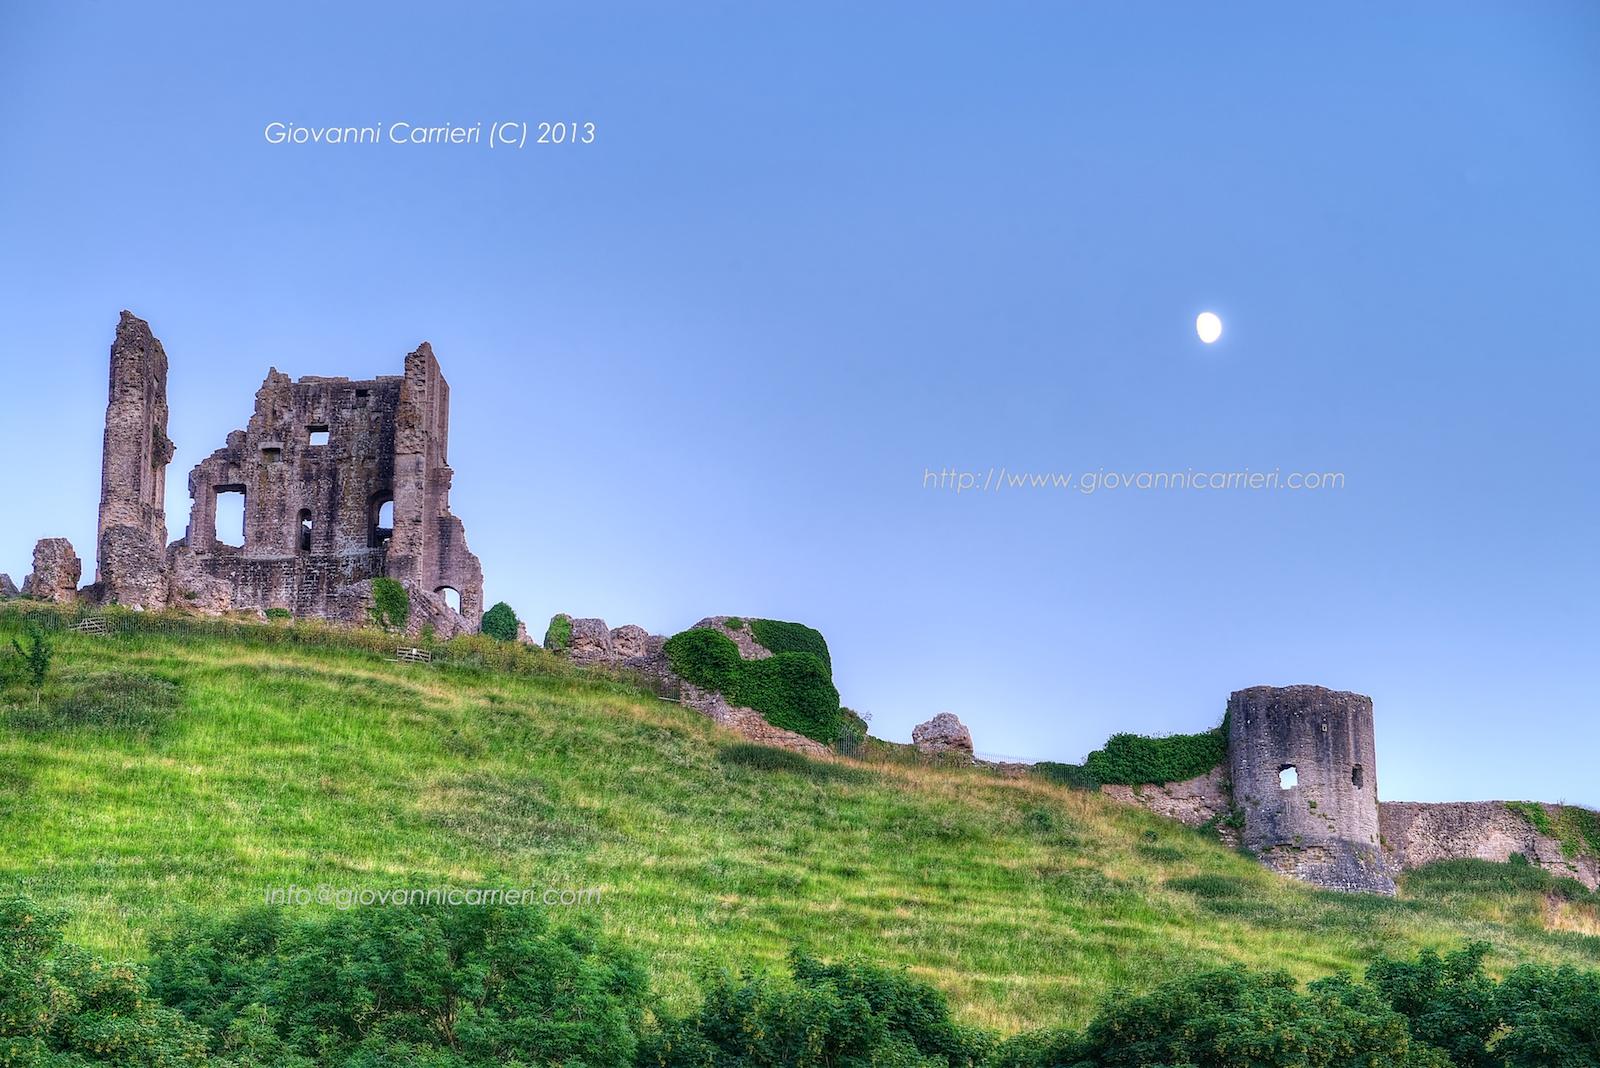 Le rovine del castello di Corfe